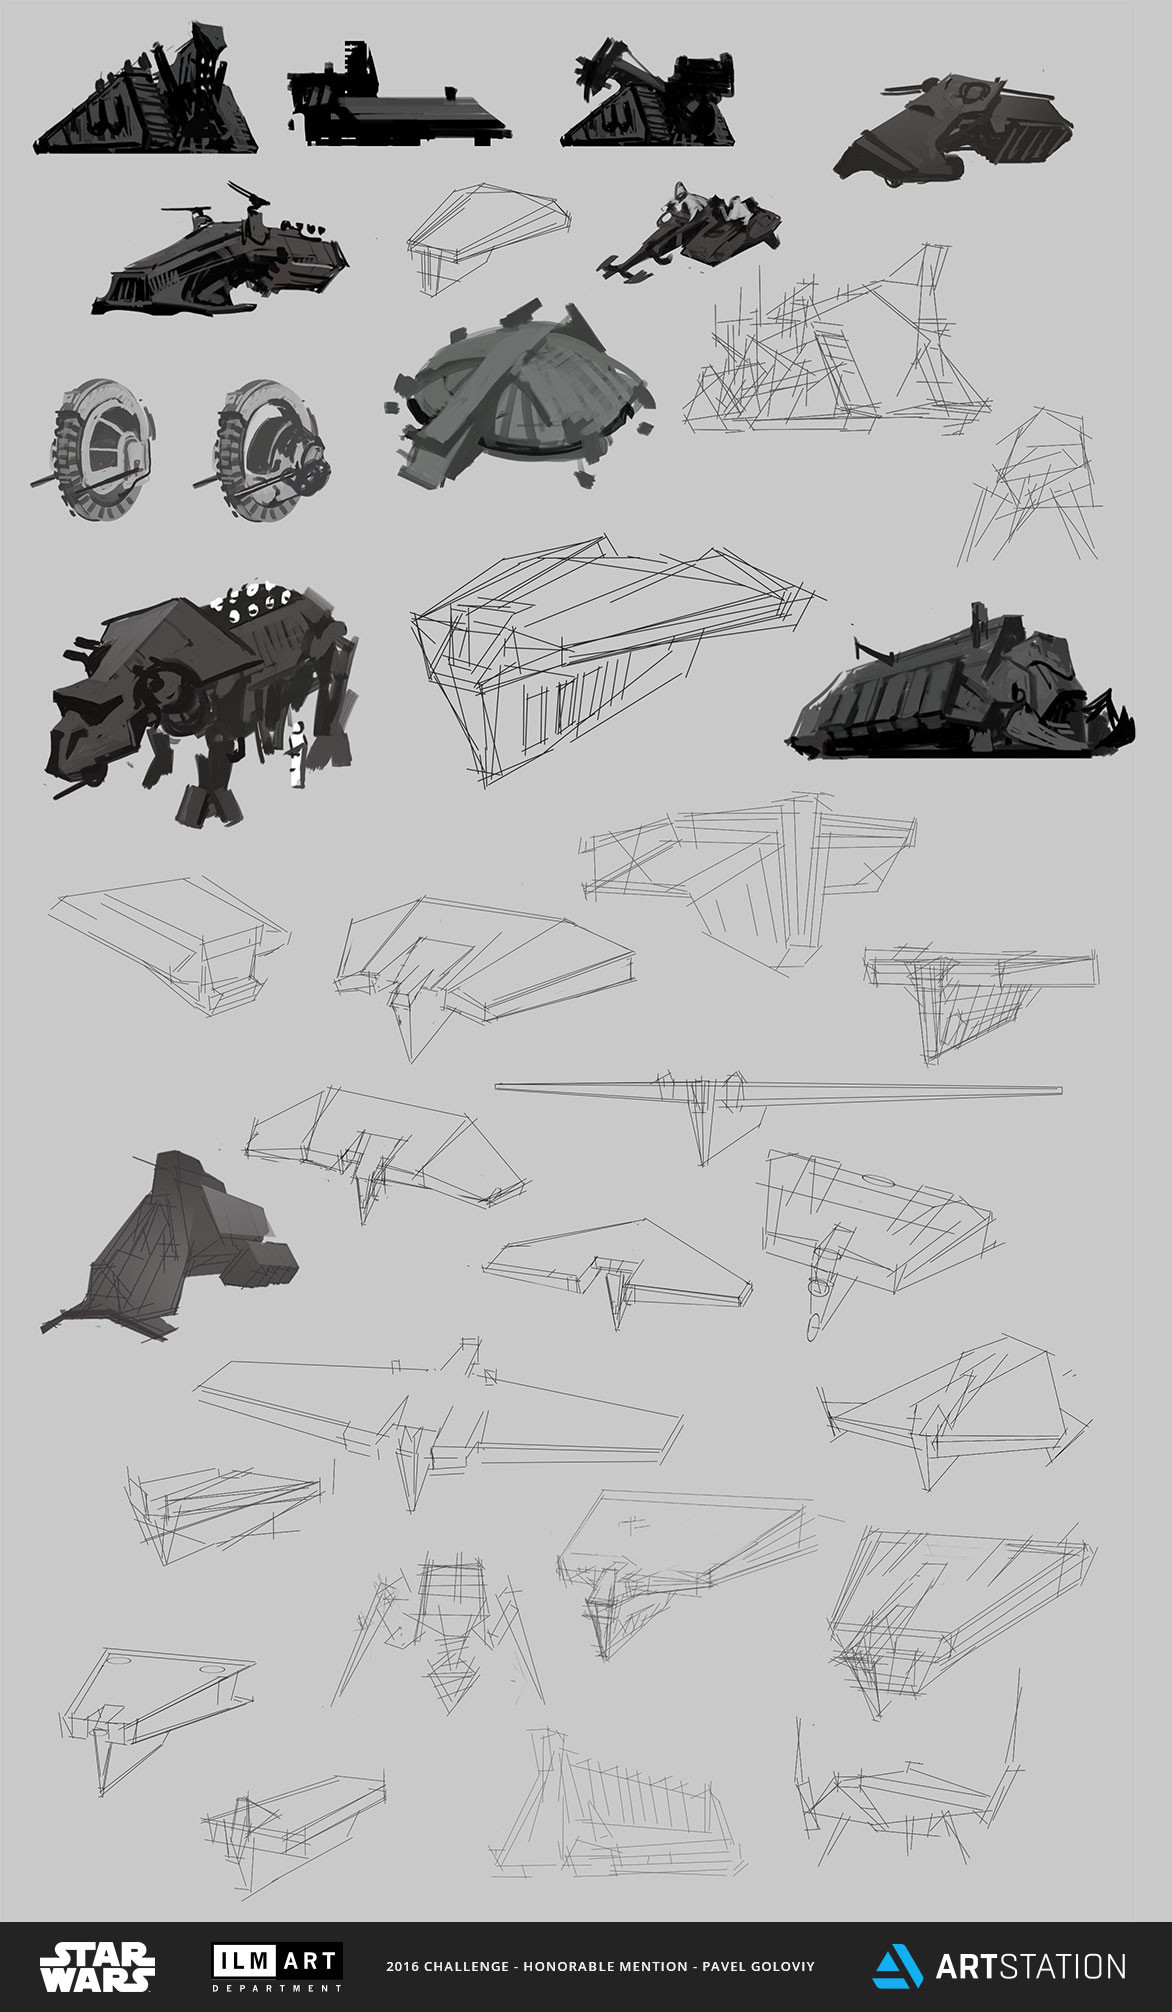 Pavel goloviy design sketches